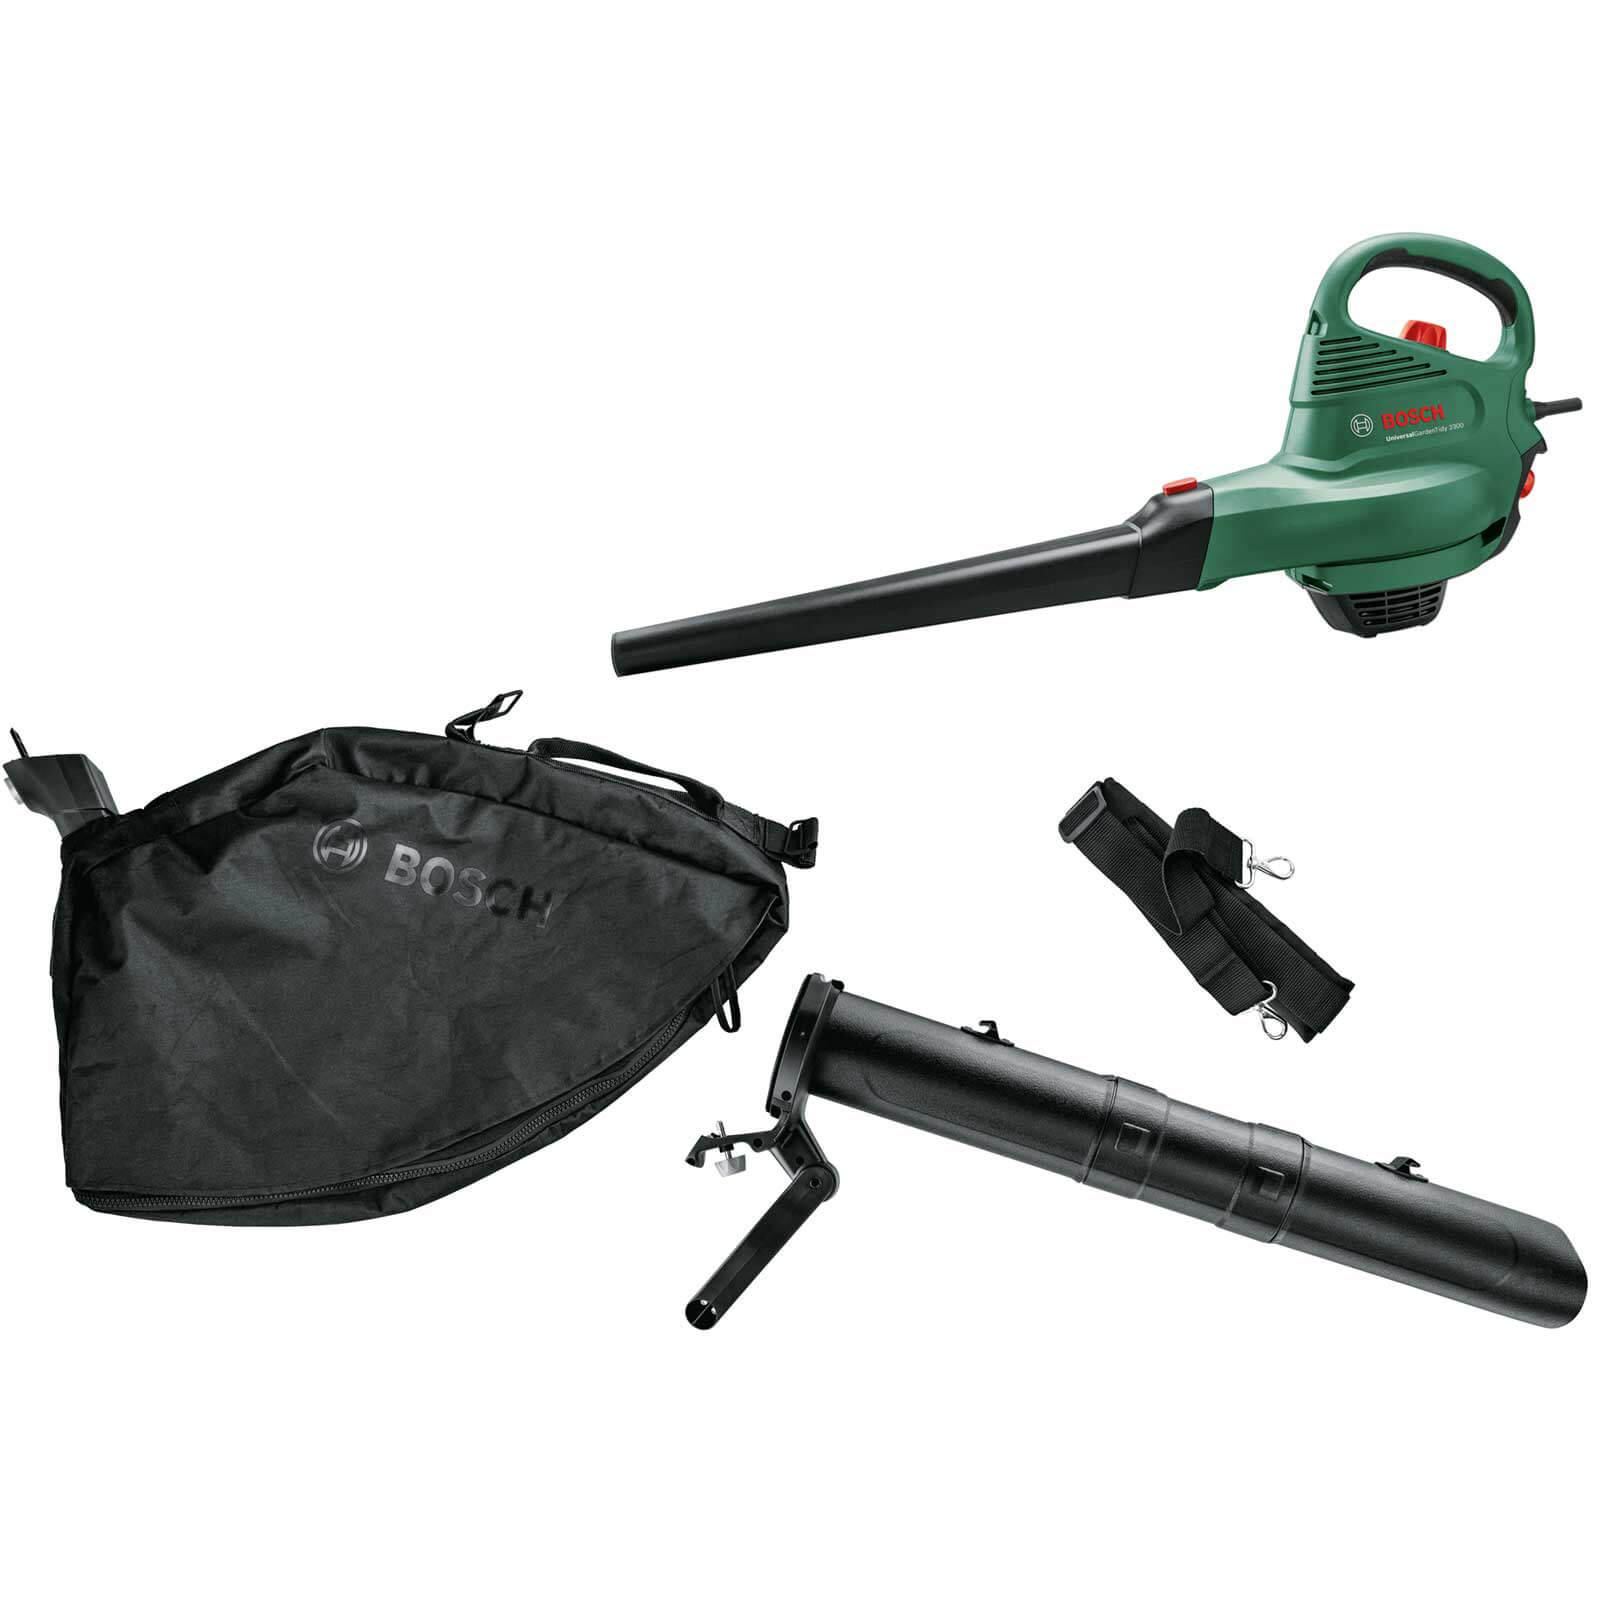 Bosch UNIVERSALGARDENTIDY 2300 Garden Vacuum and Leaf Blower